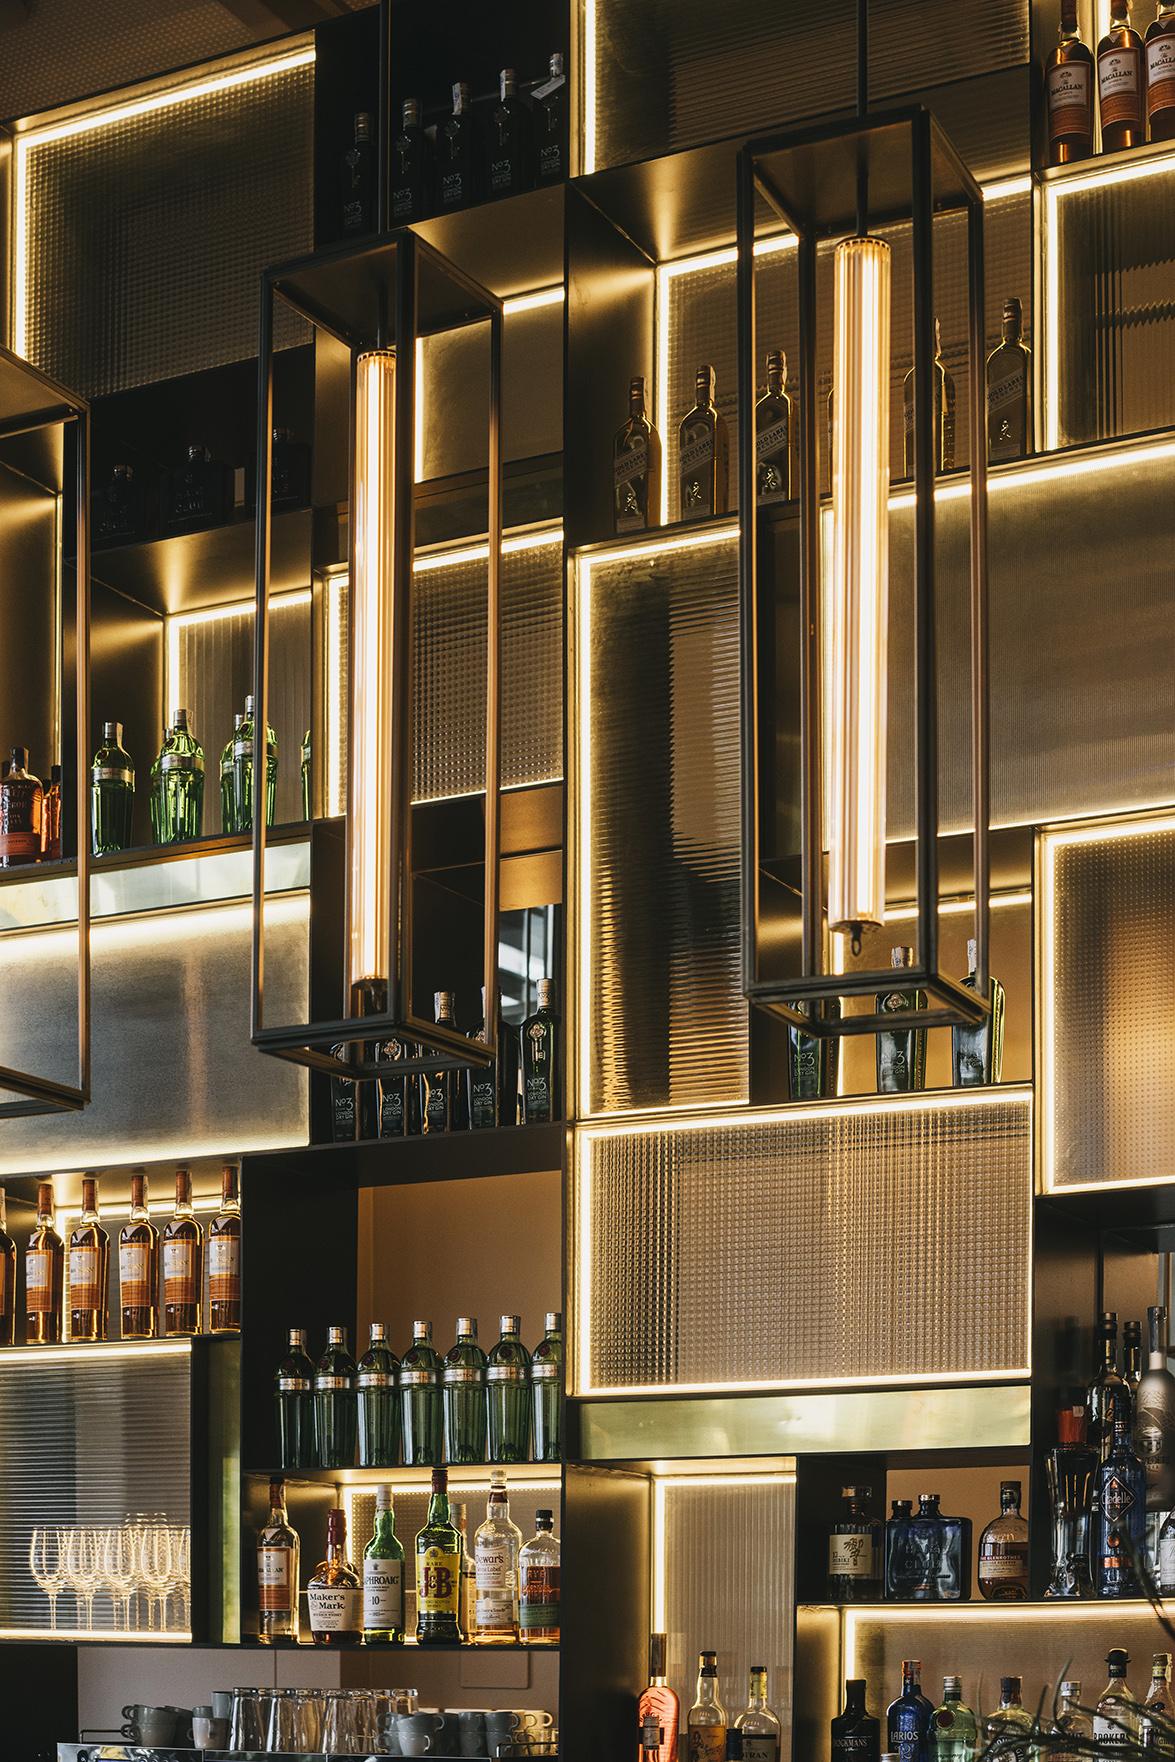 restaurante_terre_grupo_murri_tarruella_trenchs_studio__foto_salva_lopez_9